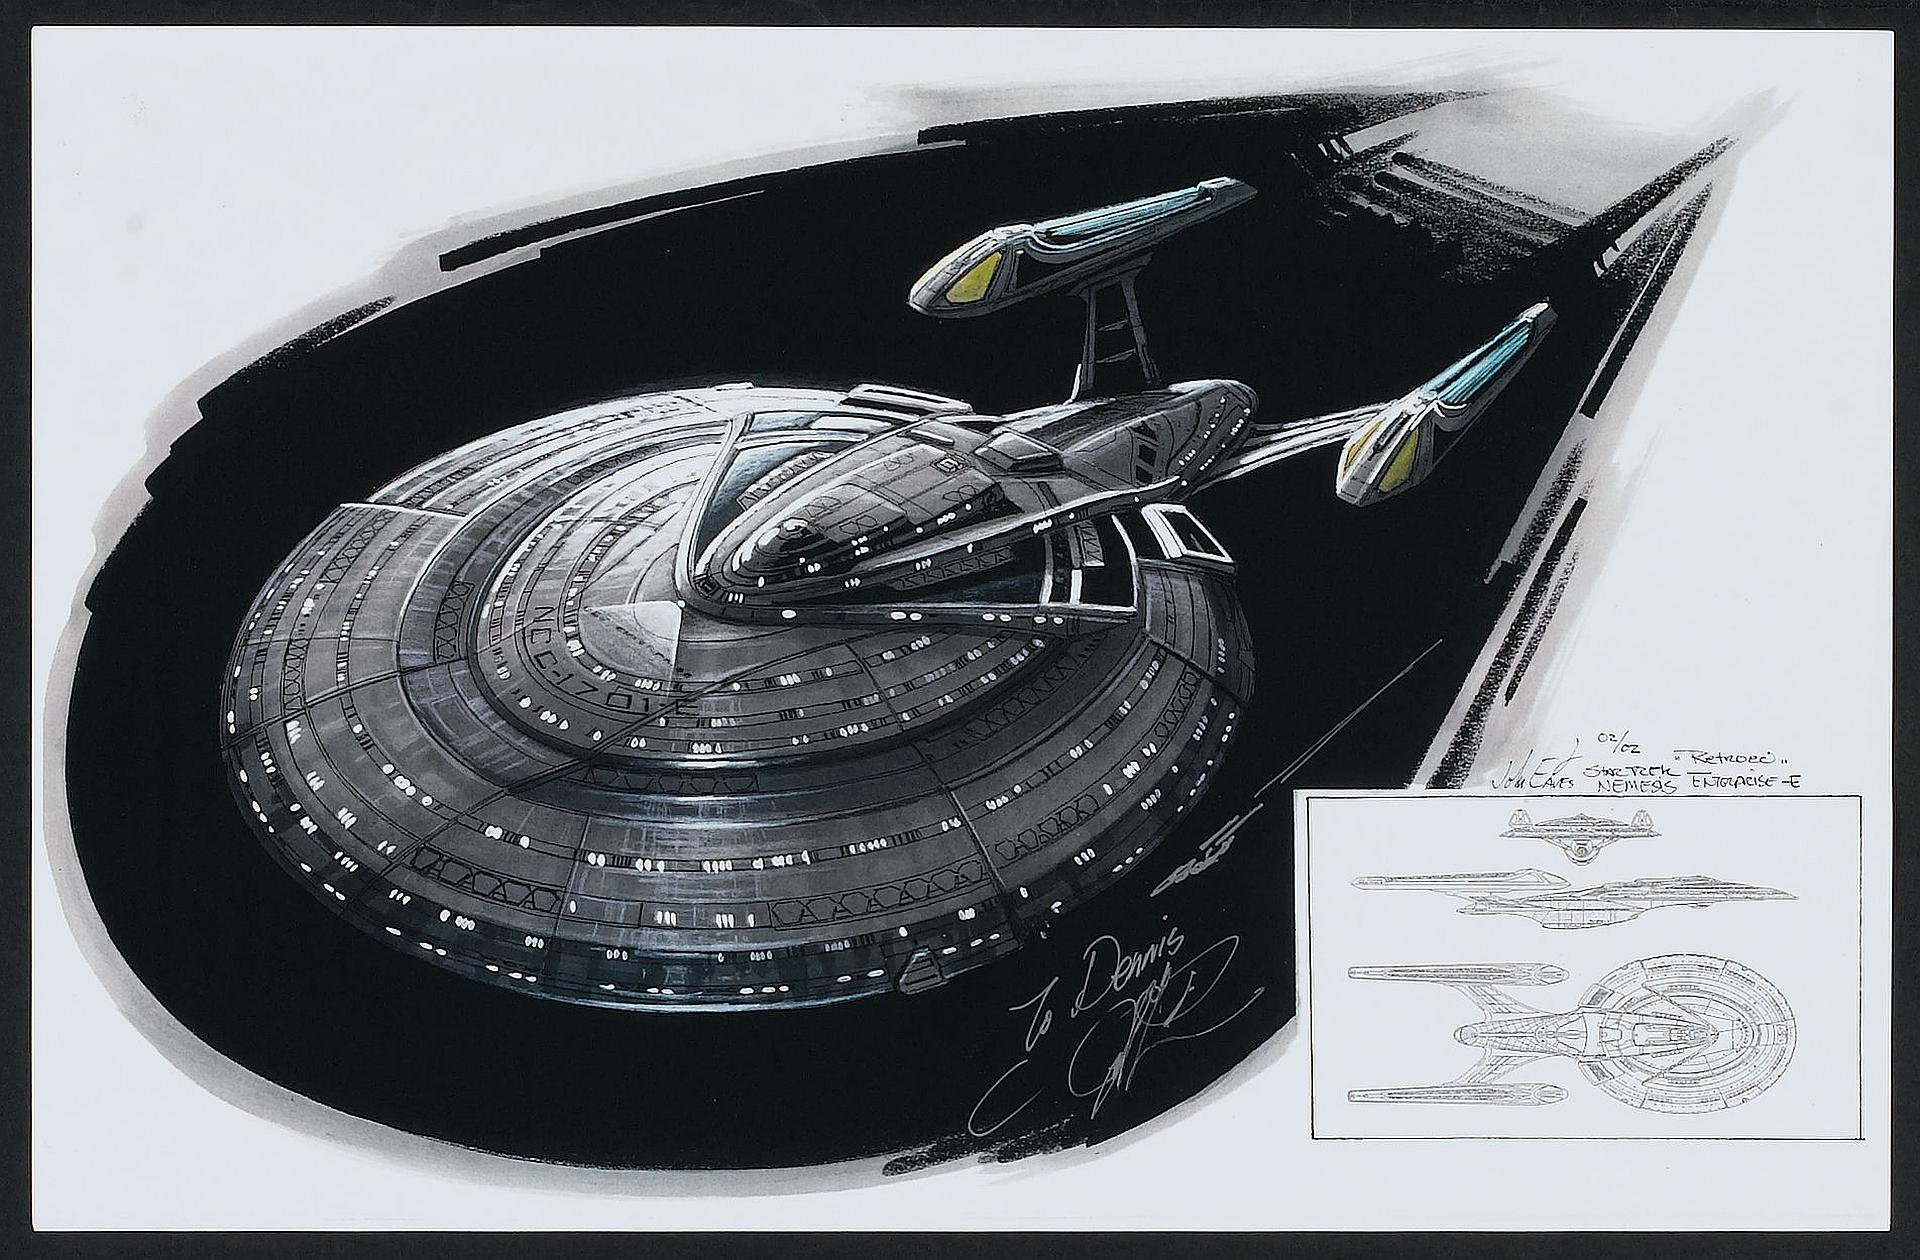 enterprise e wallpaper hd - photo #32